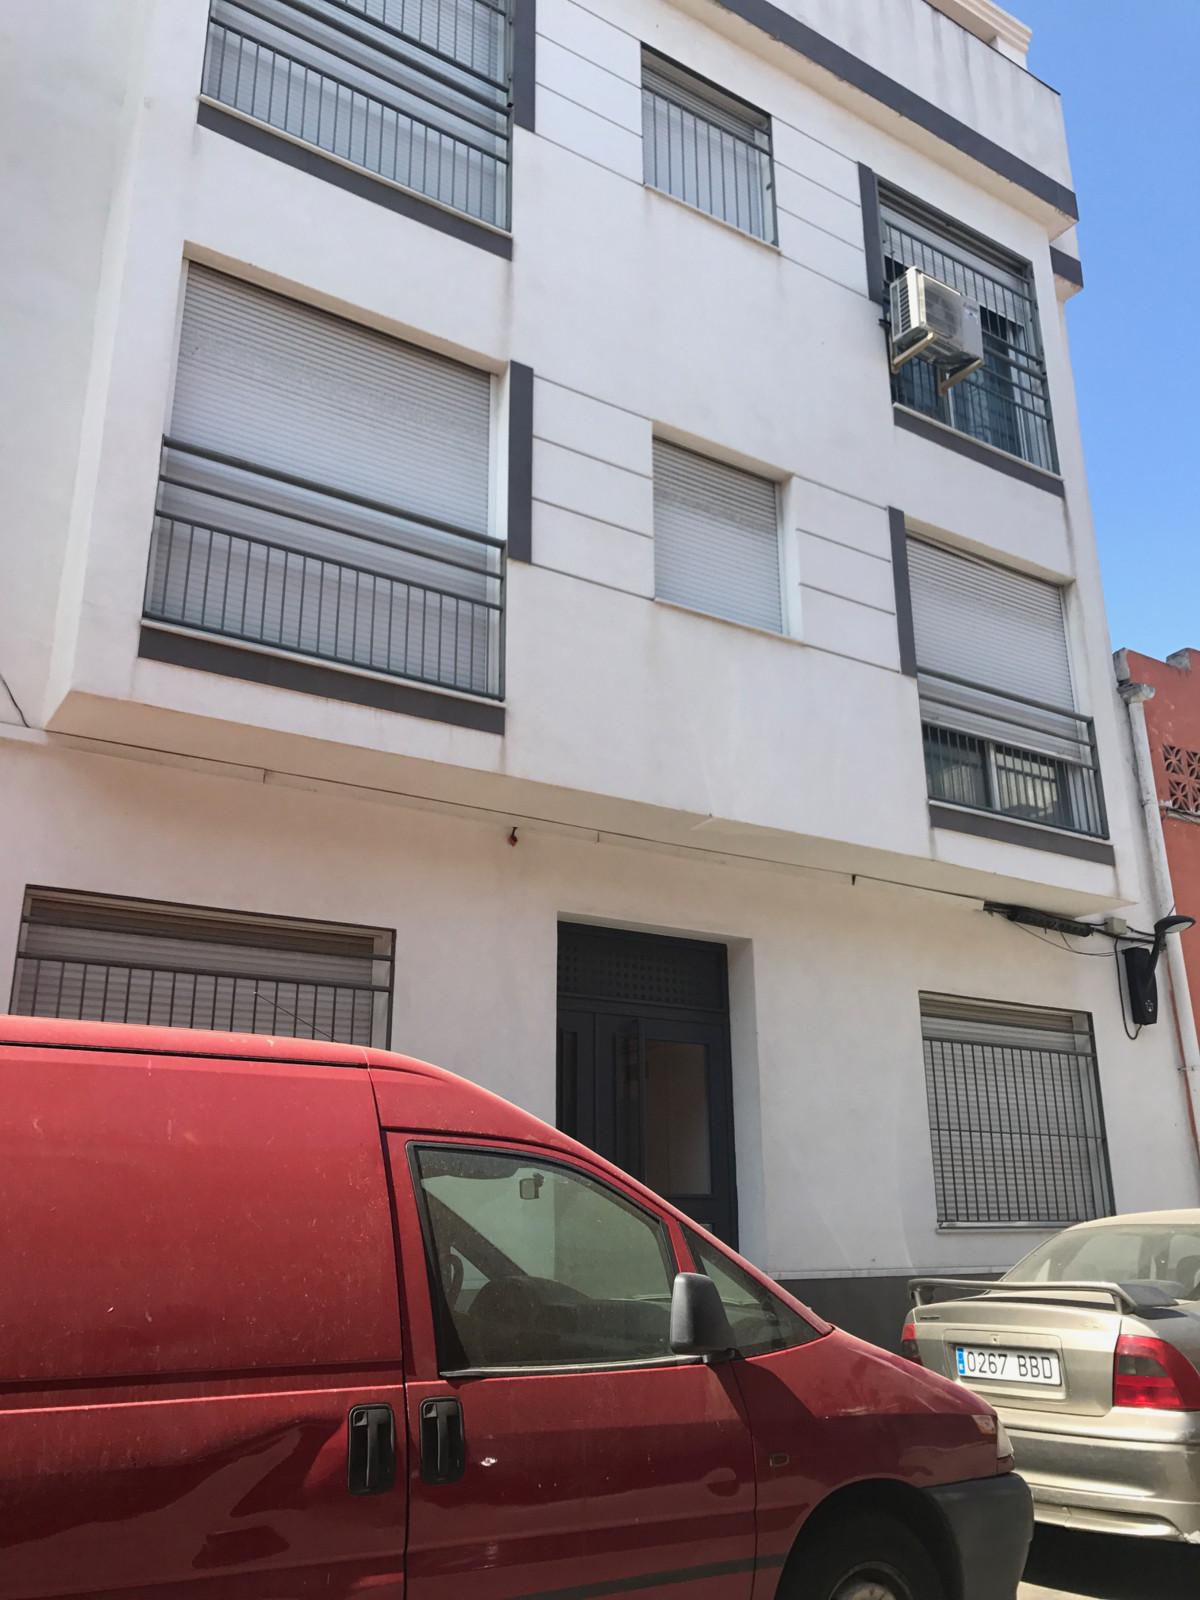 Apartment for Sale in Las Lagunas, Costa del Sol